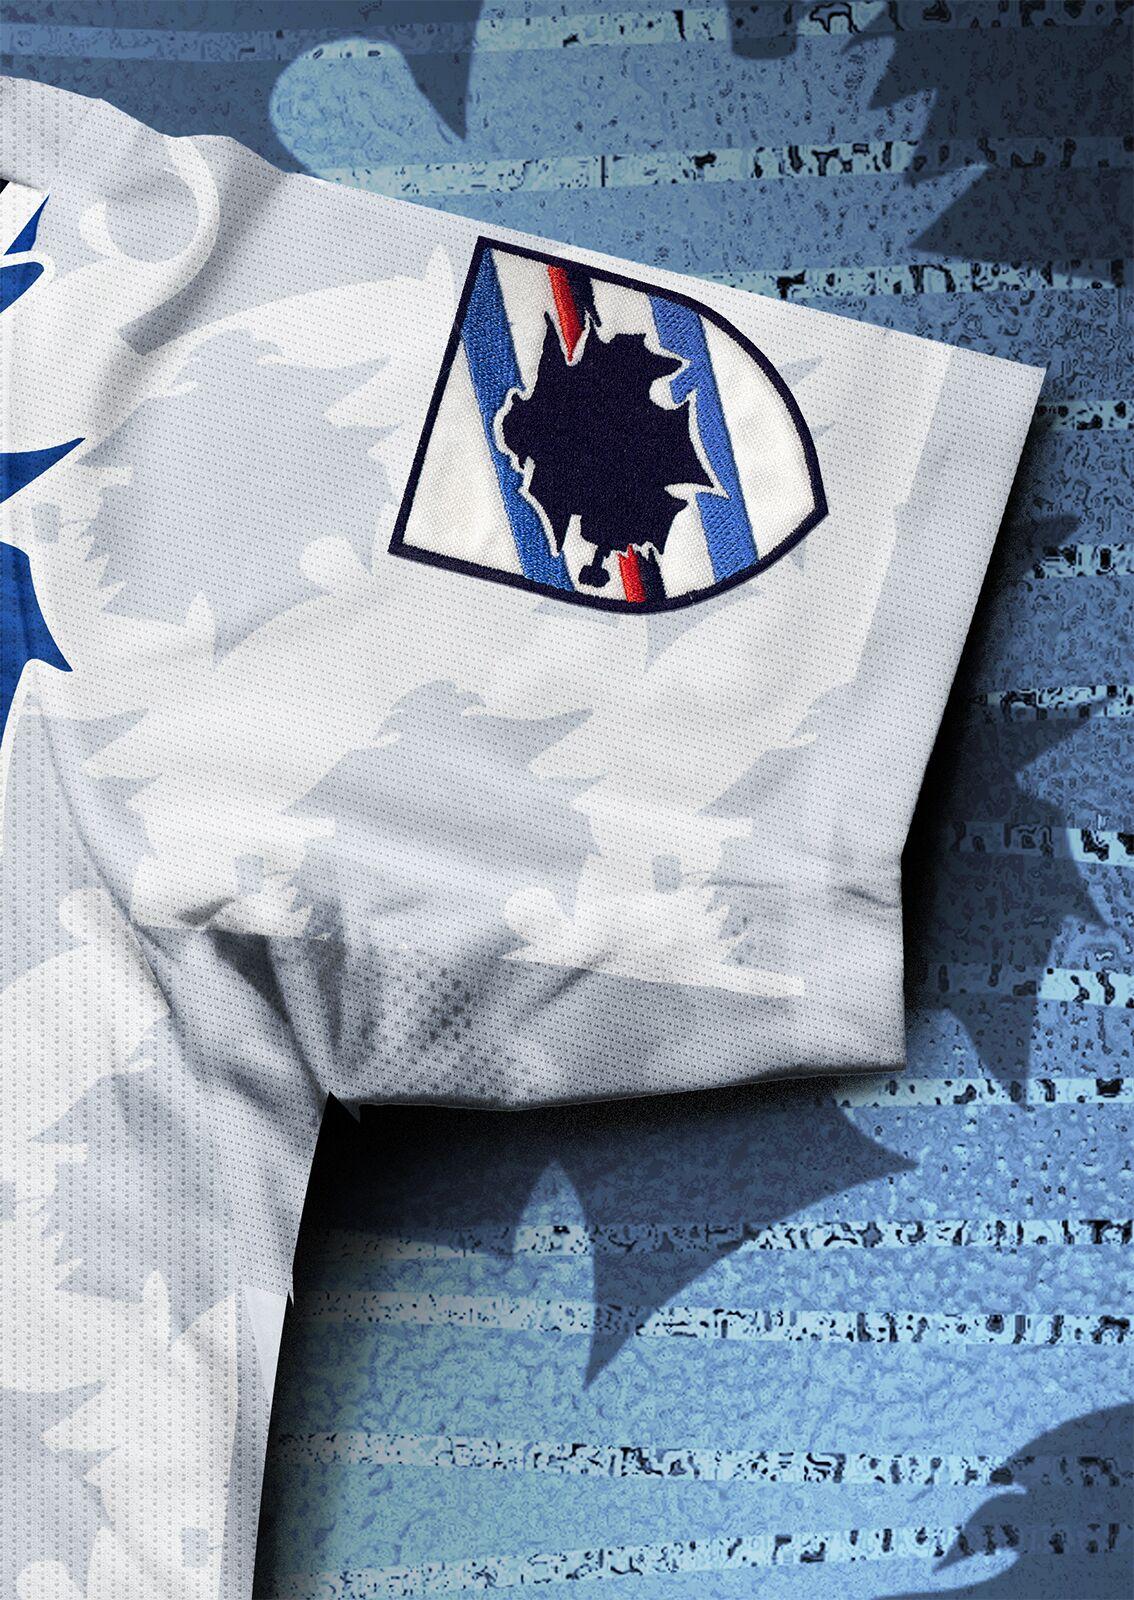 Maglie Sampdoria 2018 2019 Macron